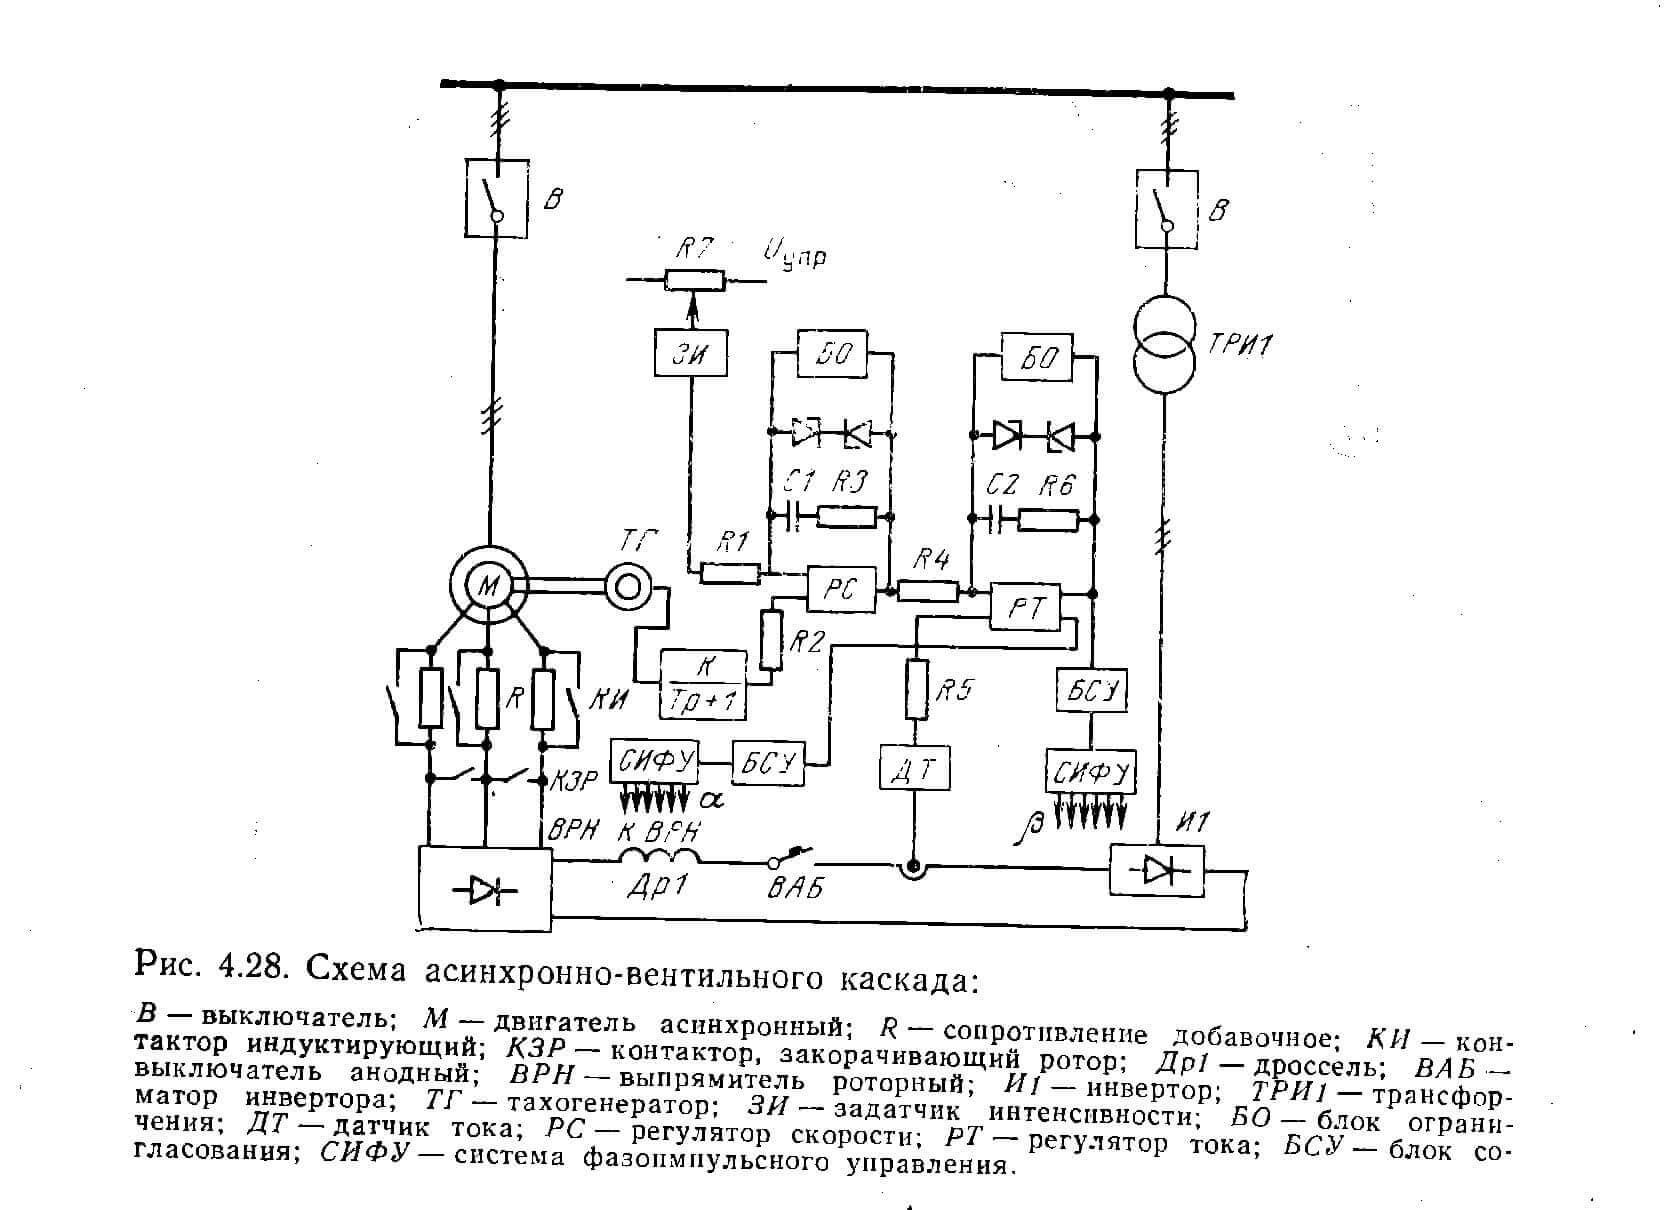 Асинхронного -вентильный каскад, регулирование количества оборотов